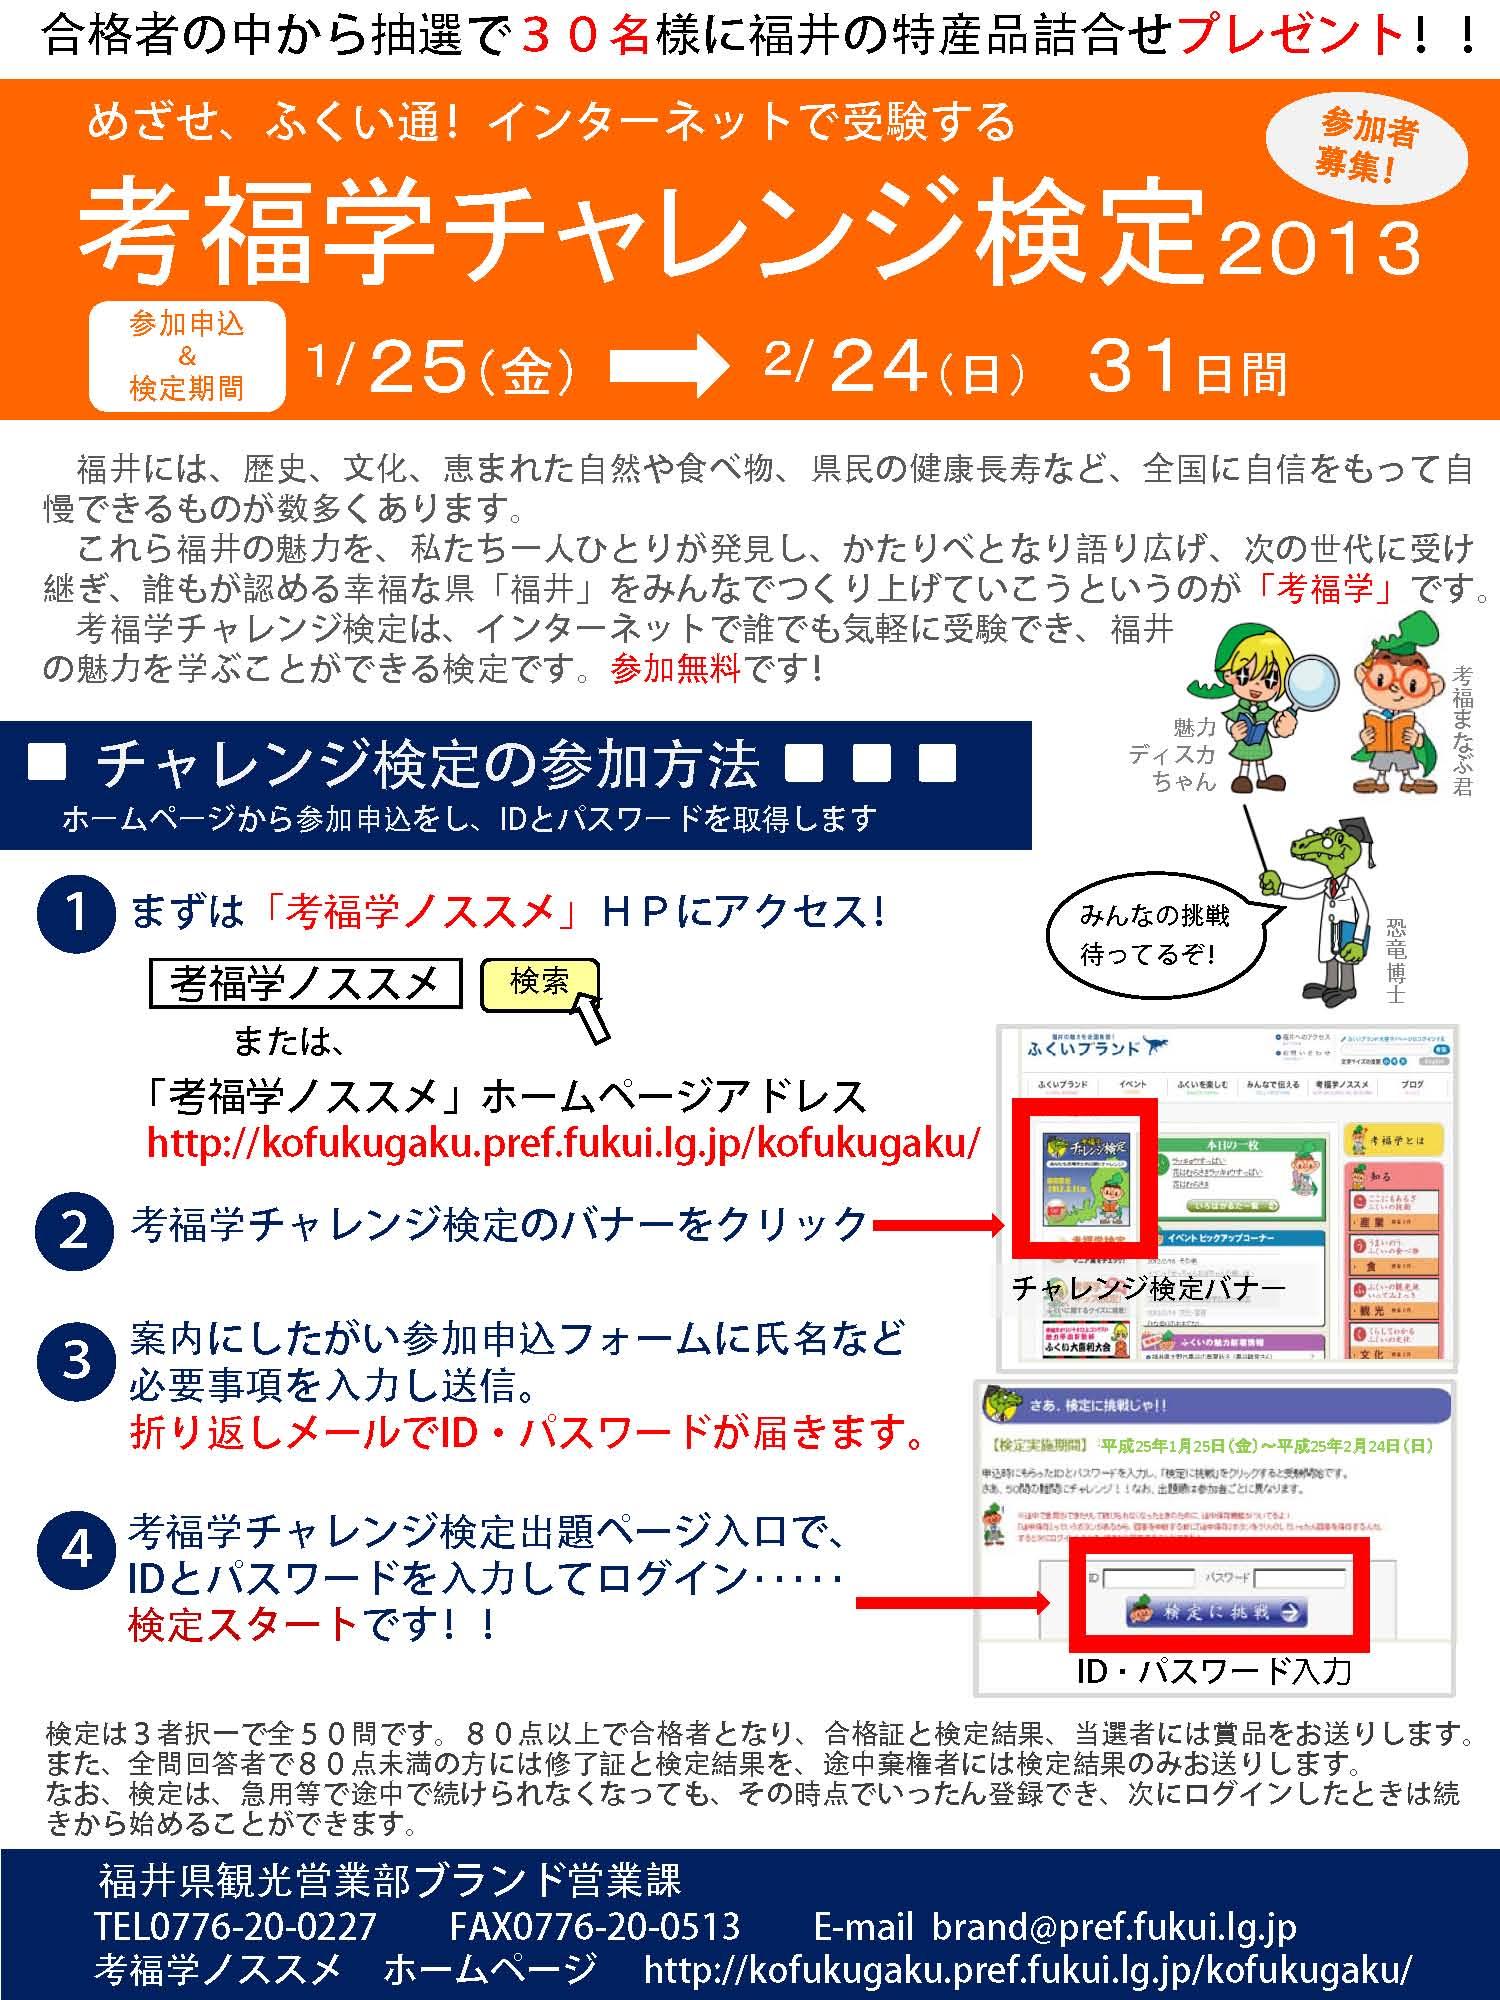 本日スタート!考福学チャレンジ検定2013!!_f0229508_15212738.jpg